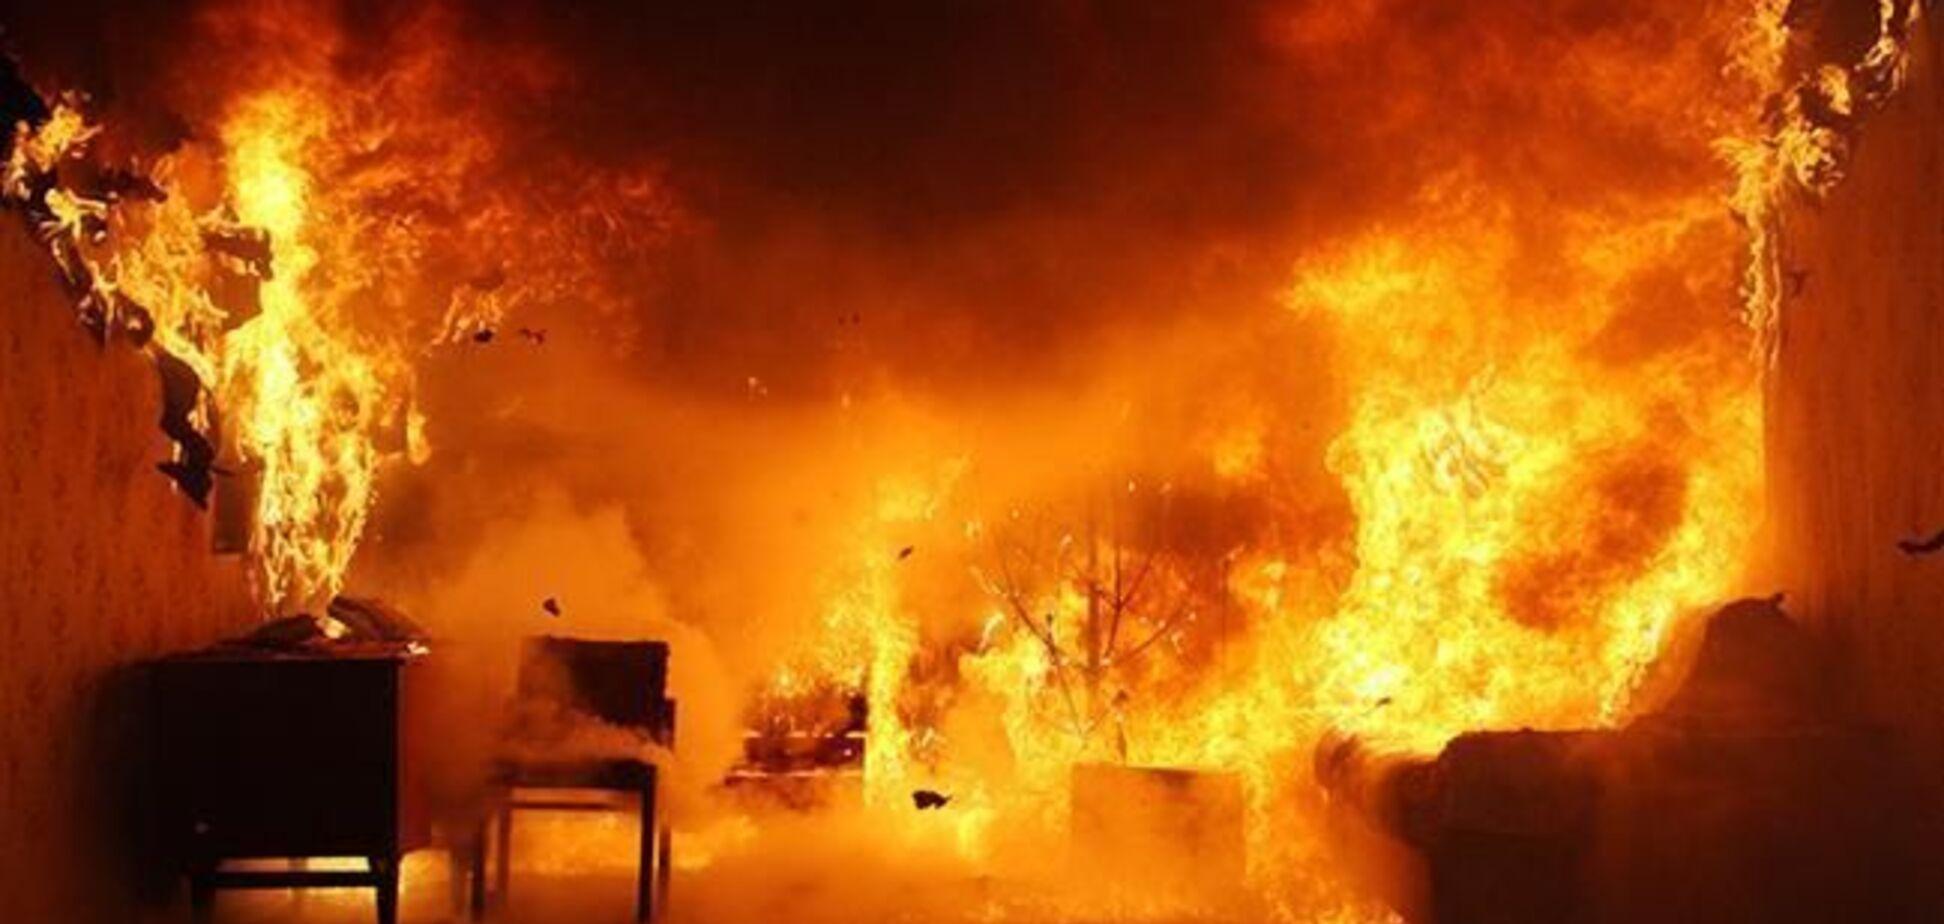 У Кривому Розі загинув чоловік під час пожежі в житловому будинку. Фото